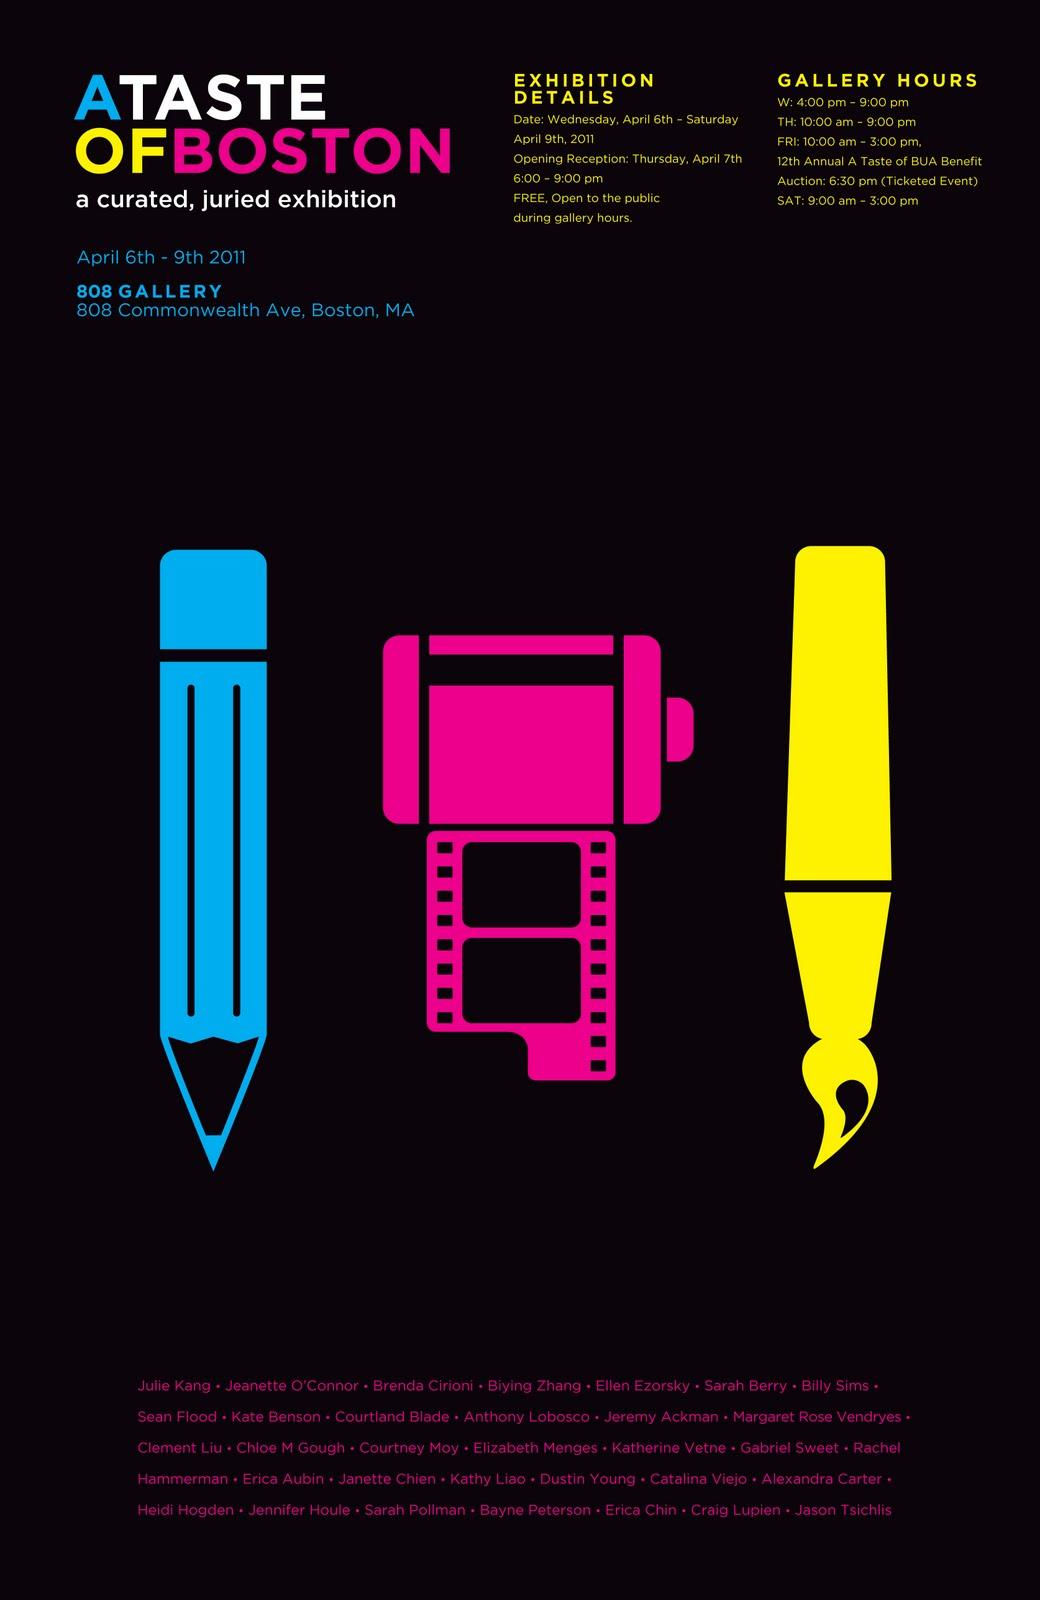 http://3.bp.blogspot.com/-S-Z4ix0xuYg/TZoNgFc22AI/AAAAAAAAAQE/ynRHRkkGtio/s1600/Taste_of_Boston_Poster.jpg